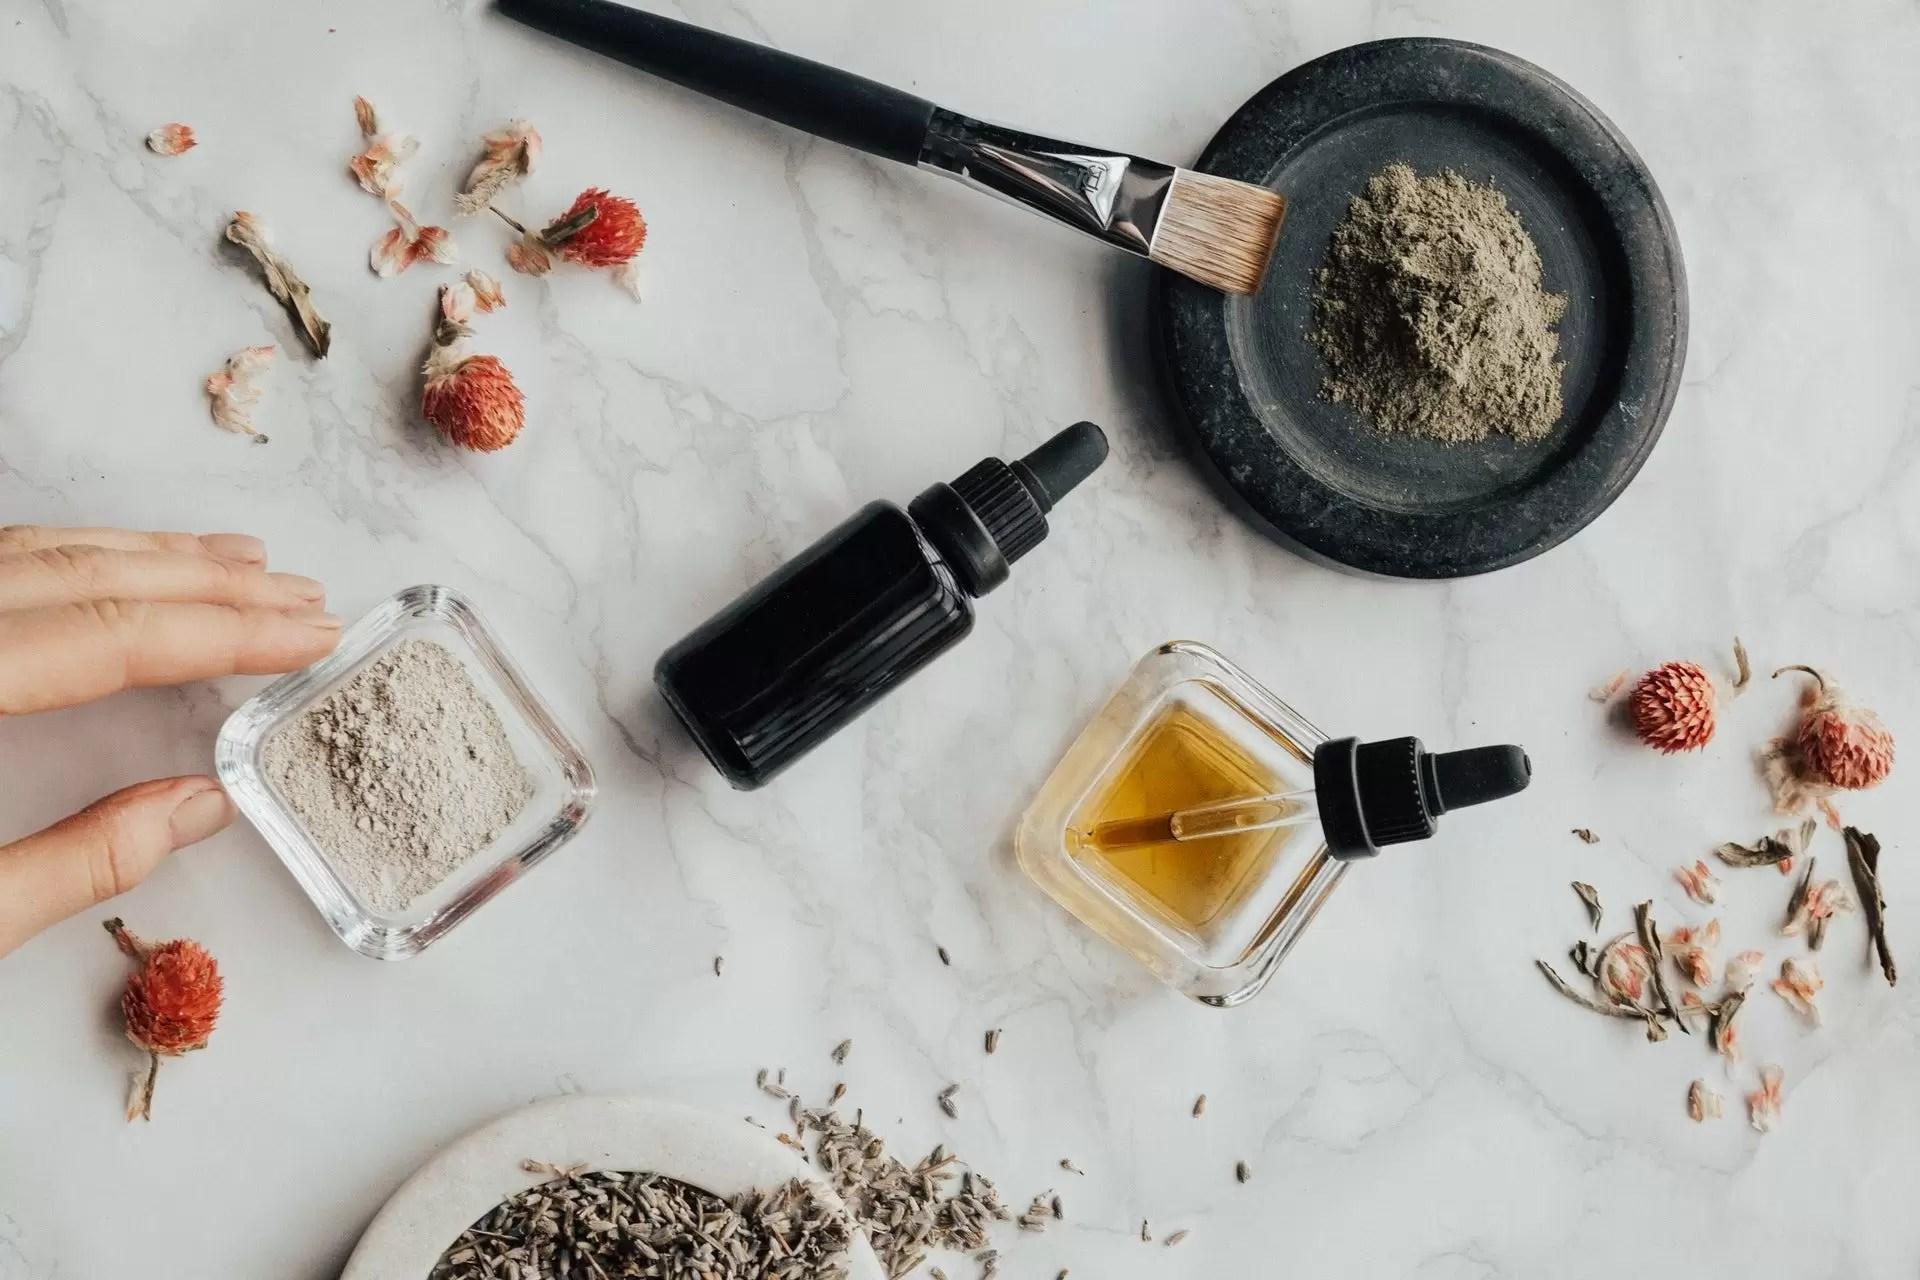 aroma-aromatherapy-aromatic-1619488 (1)